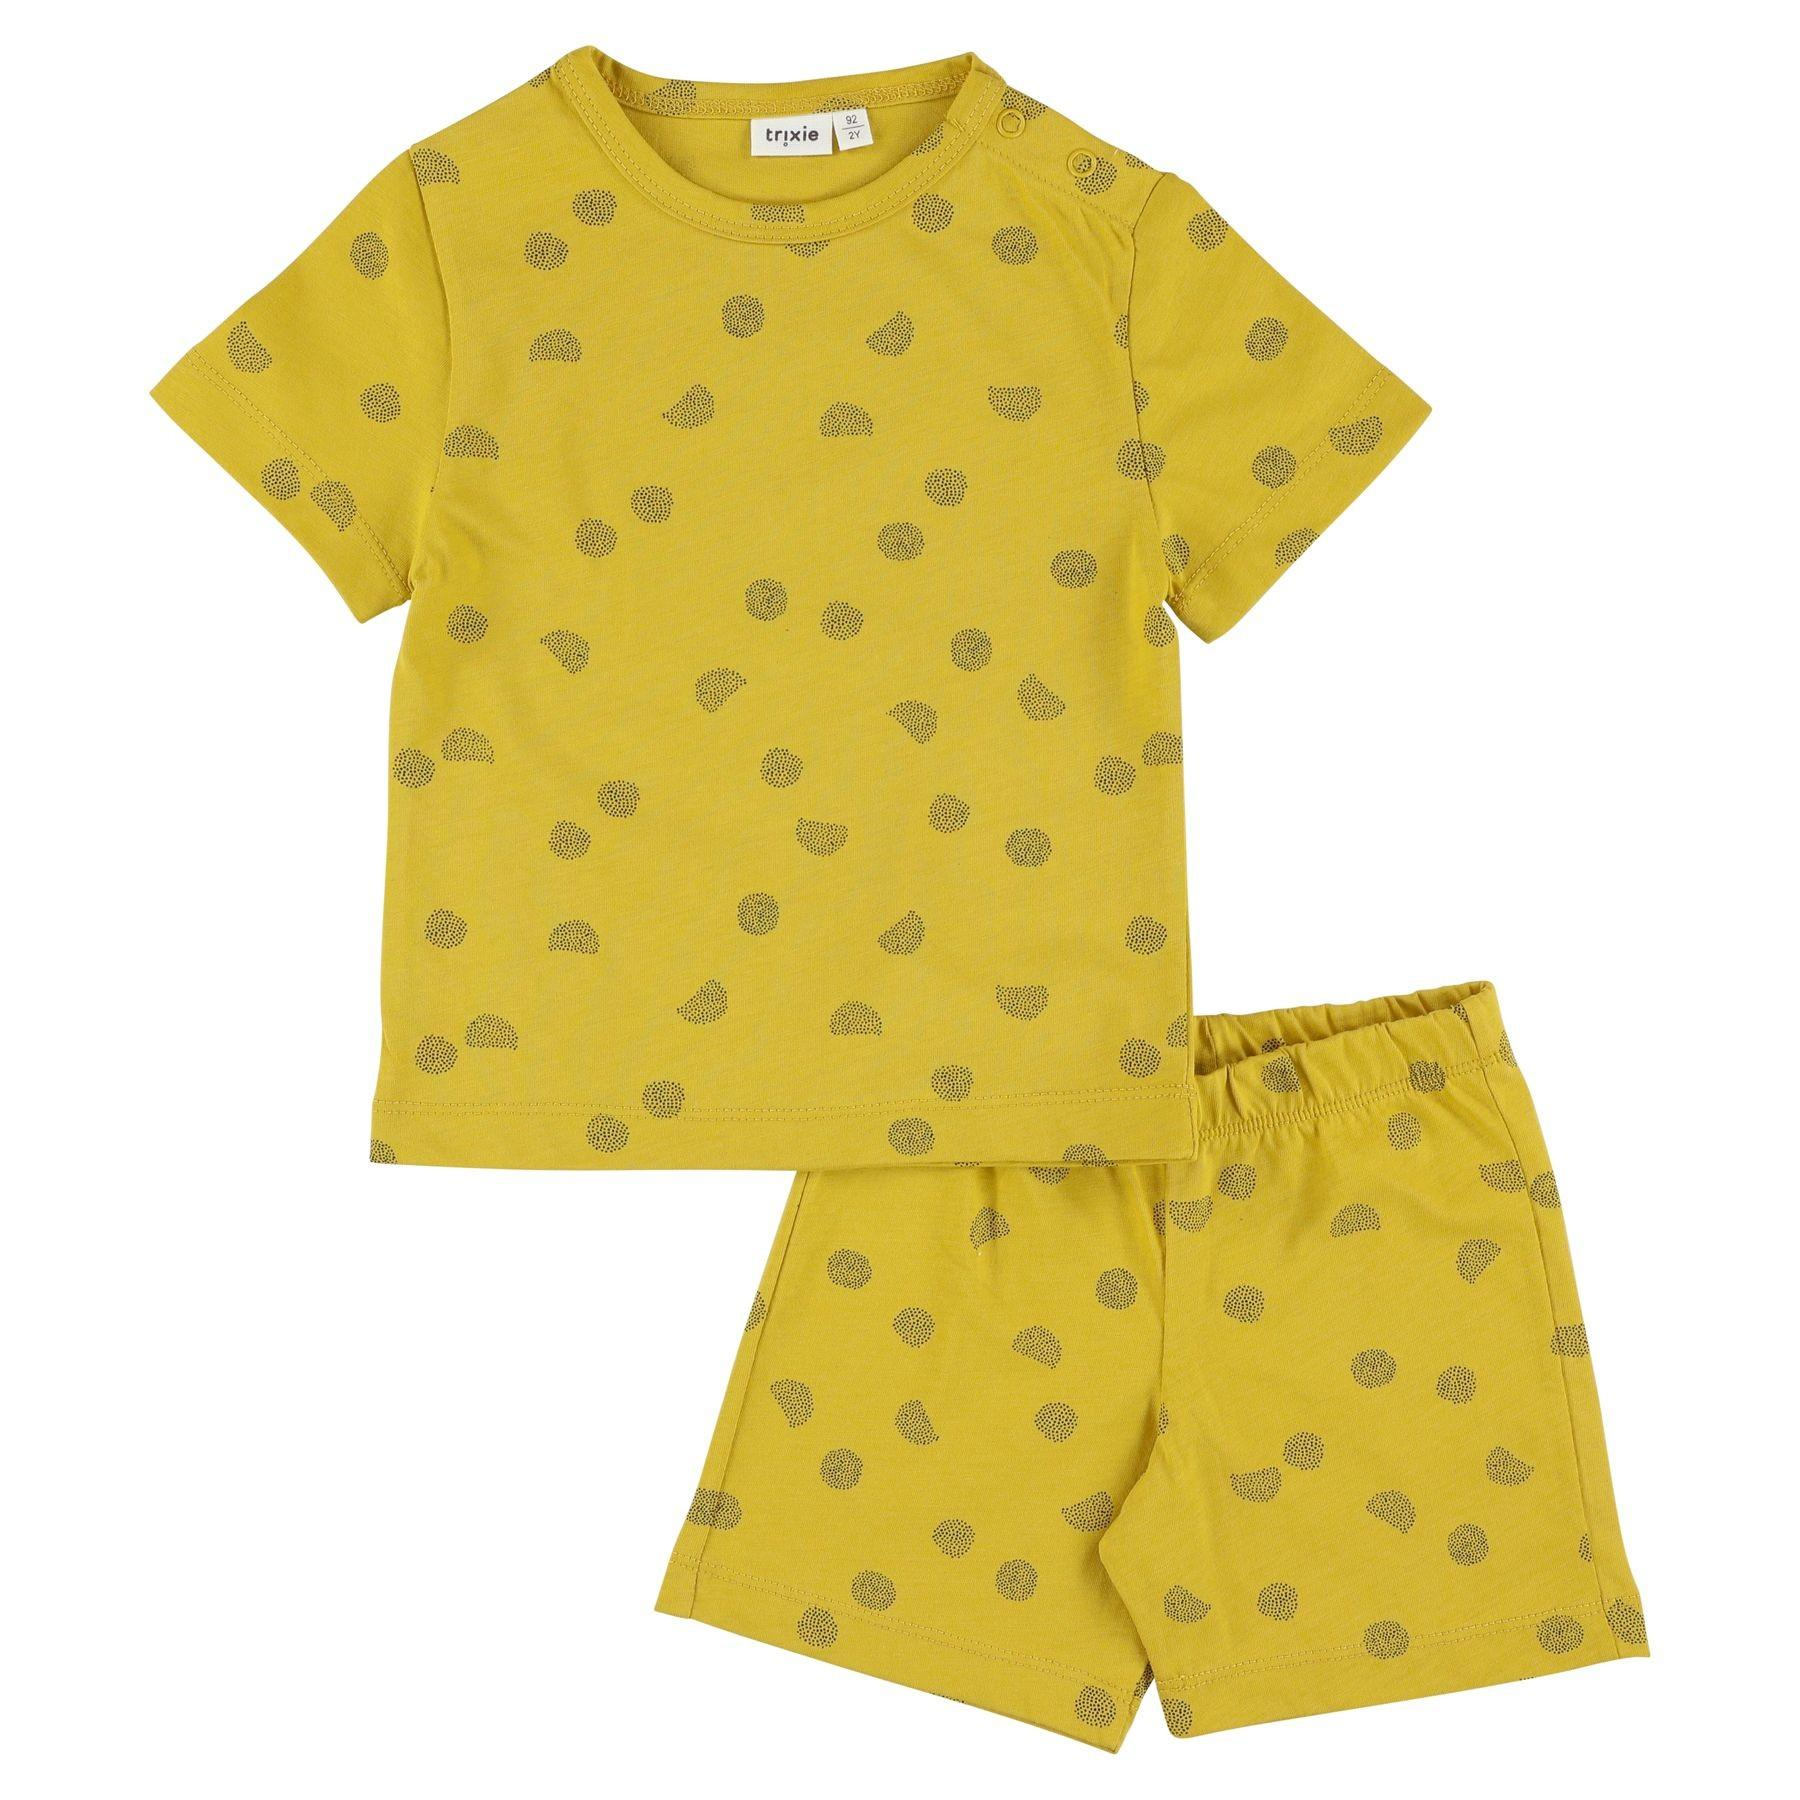 Trixie - 2-delige pyjama kort - Sunny Spots - 6Y